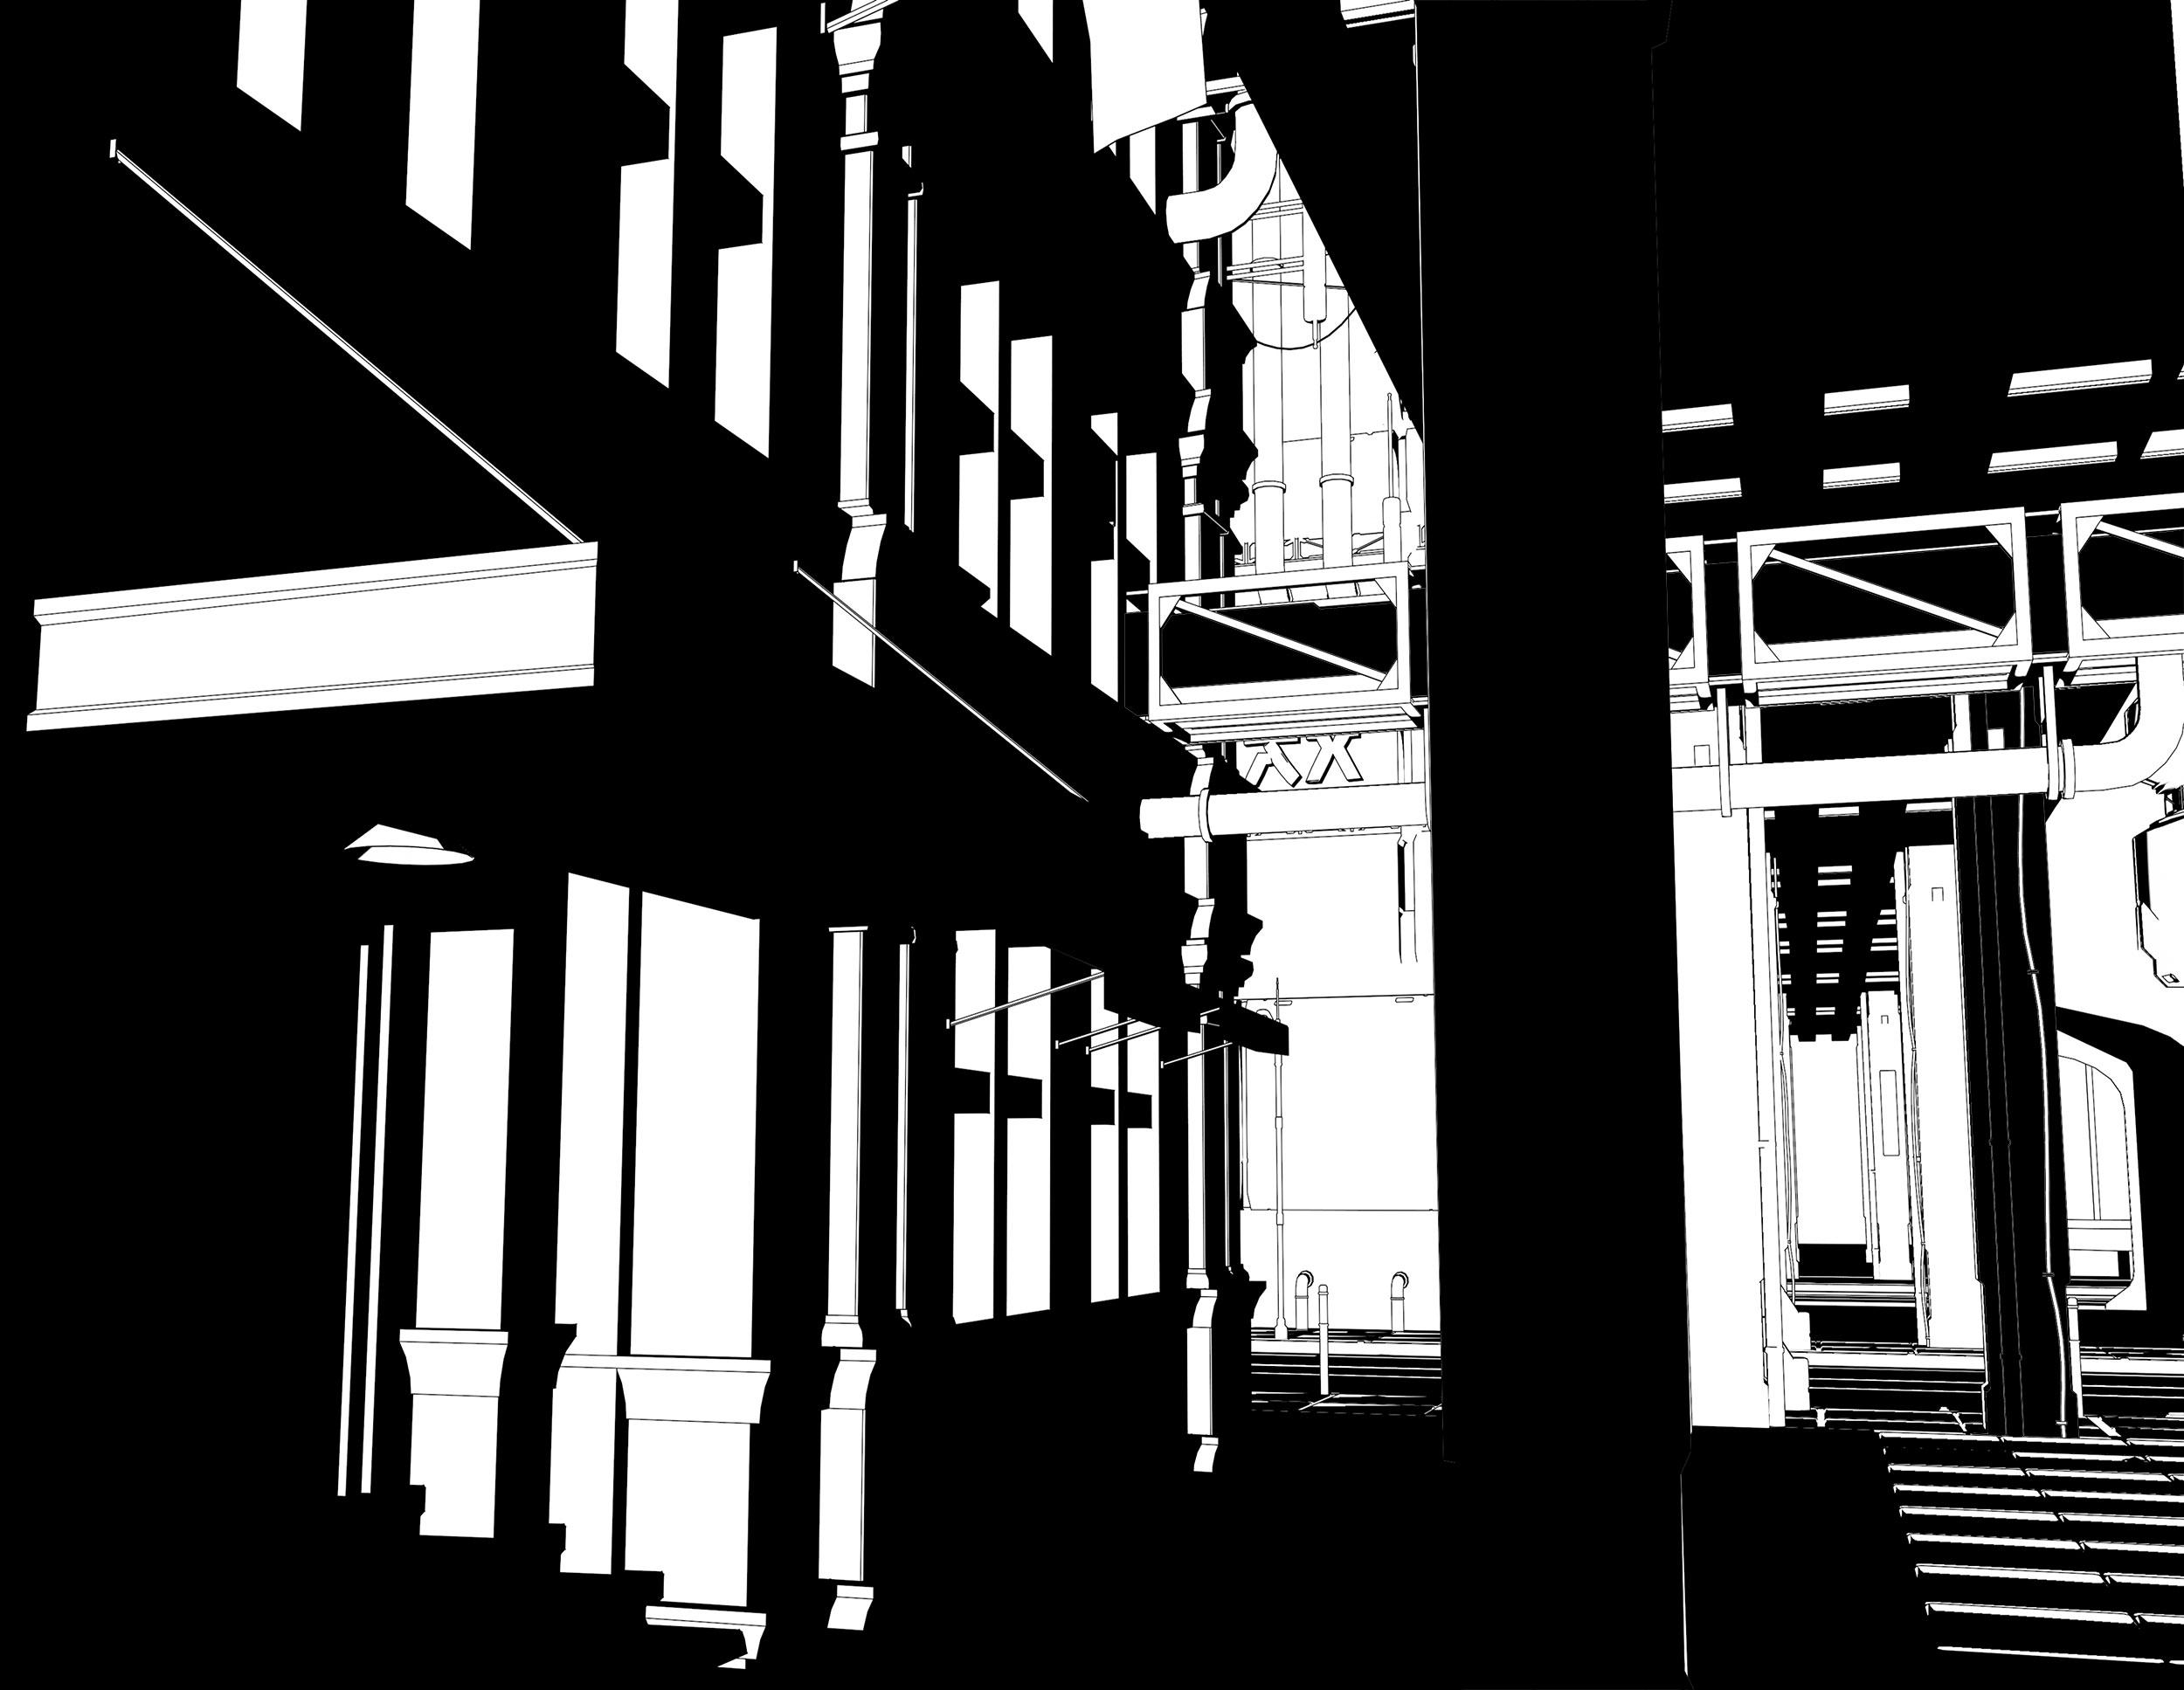 City_Street2_Store_Outside1.jpg